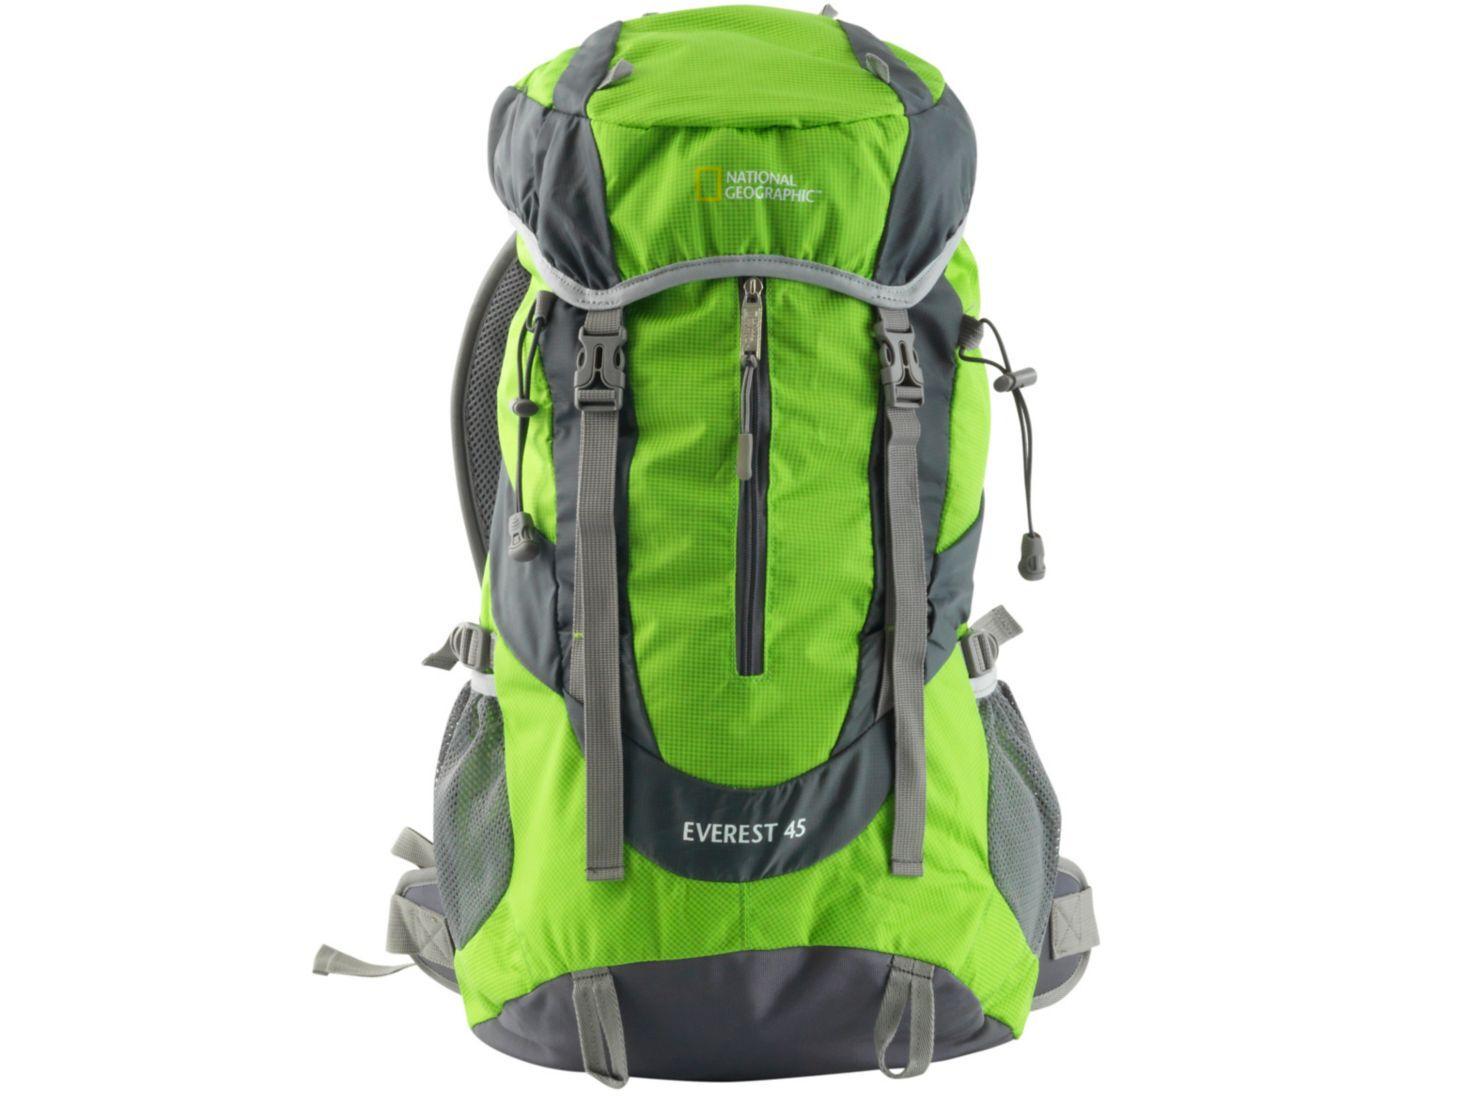 fecha de lanzamiento cc15f 5c06e Mochila Everest 45 National Geographic en Bolsos y Mochilas ...